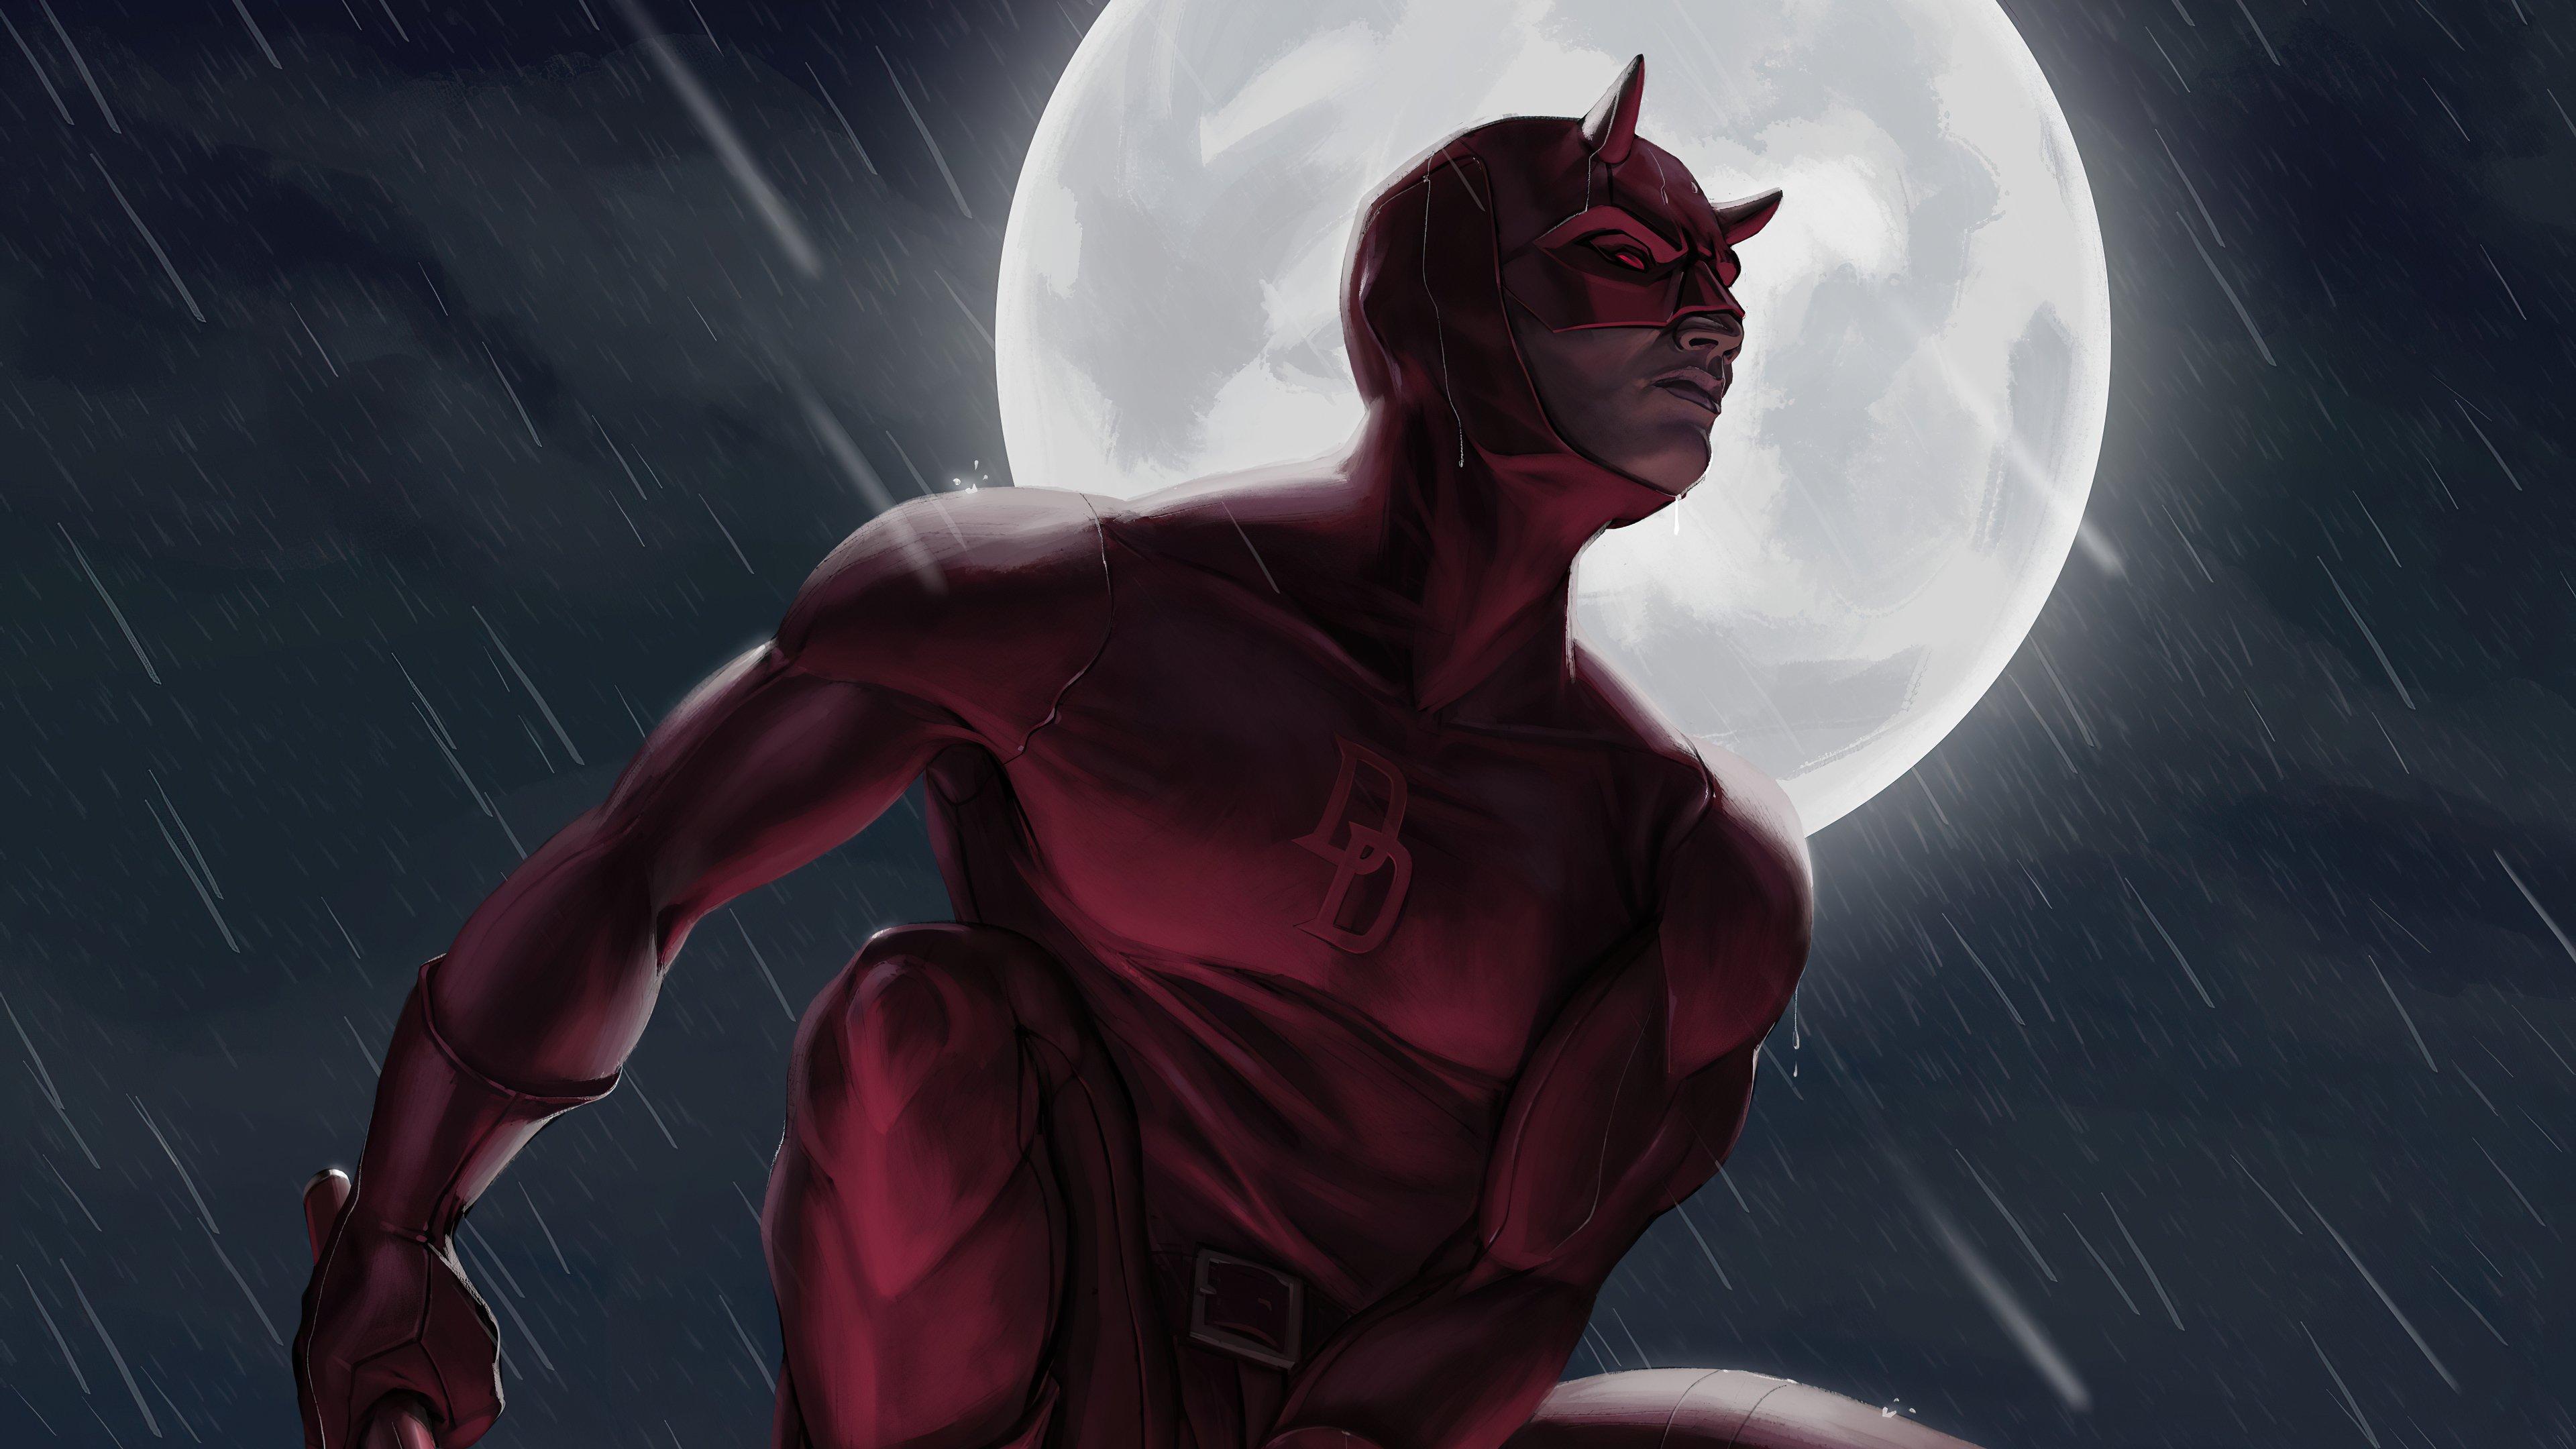 Fondos de pantalla Daredevil a la luz de la luna